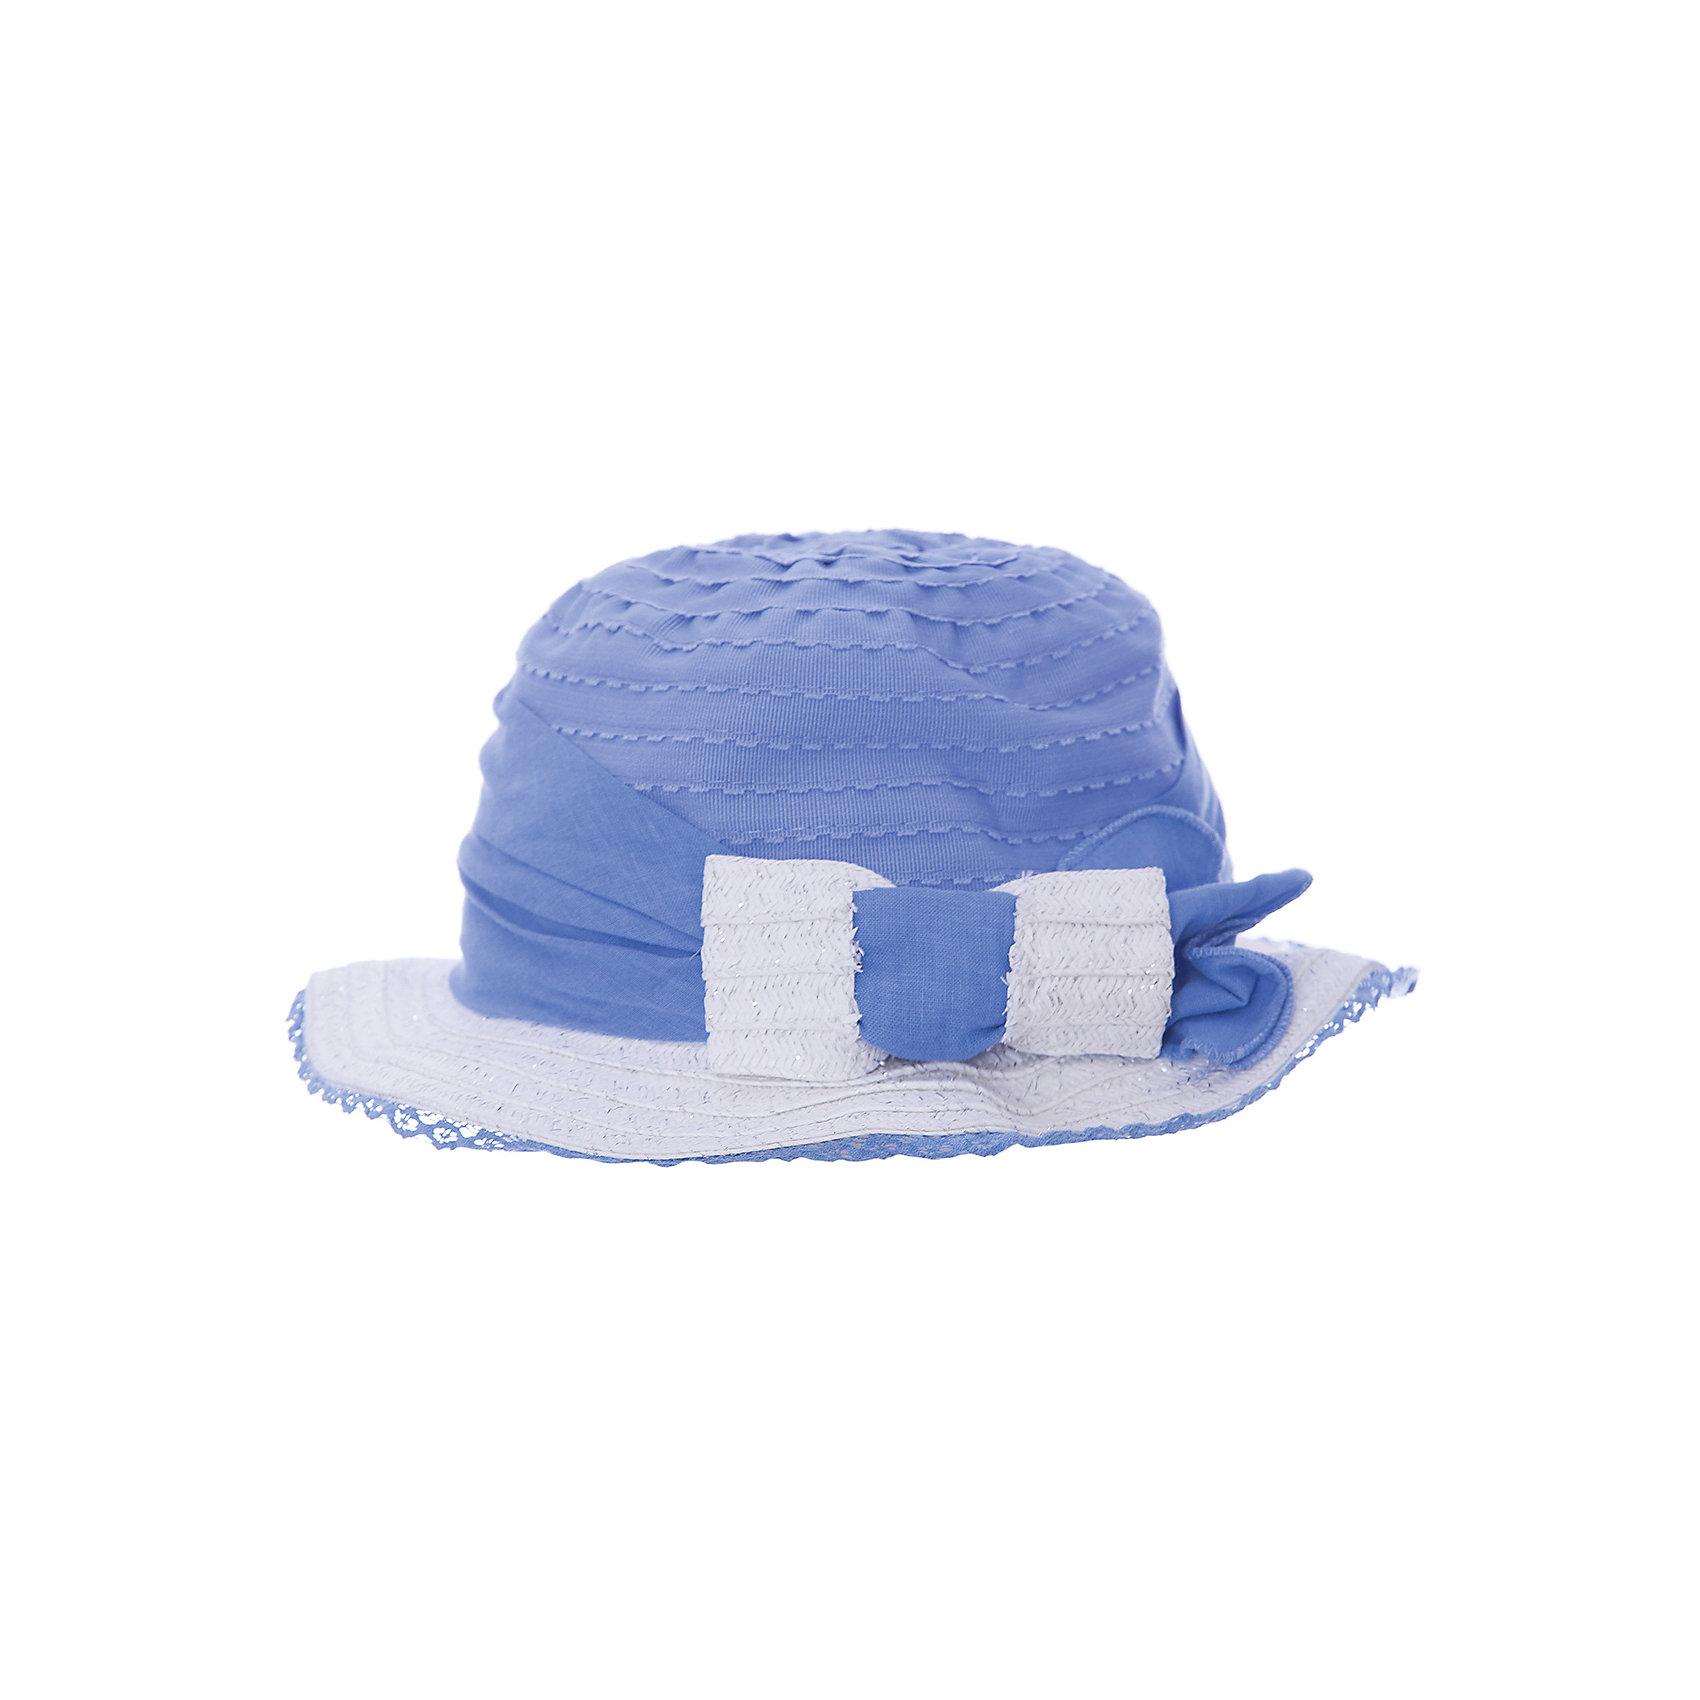 Шляпа для девочки MayoralГоловные уборы<br>Шляпа для девочки от известной испанской марки Mayoral.<br>Состав:<br>50% Бумага 30% Полиэстер 20% Хлопок<br><br>Ширина мм: 89<br>Глубина мм: 117<br>Высота мм: 44<br>Вес г: 155<br>Цвет: синий<br>Возраст от месяцев: 24<br>Возраст до месяцев: 36<br>Пол: Женский<br>Возраст: Детский<br>Размер: 50,54,52<br>SKU: 4539275